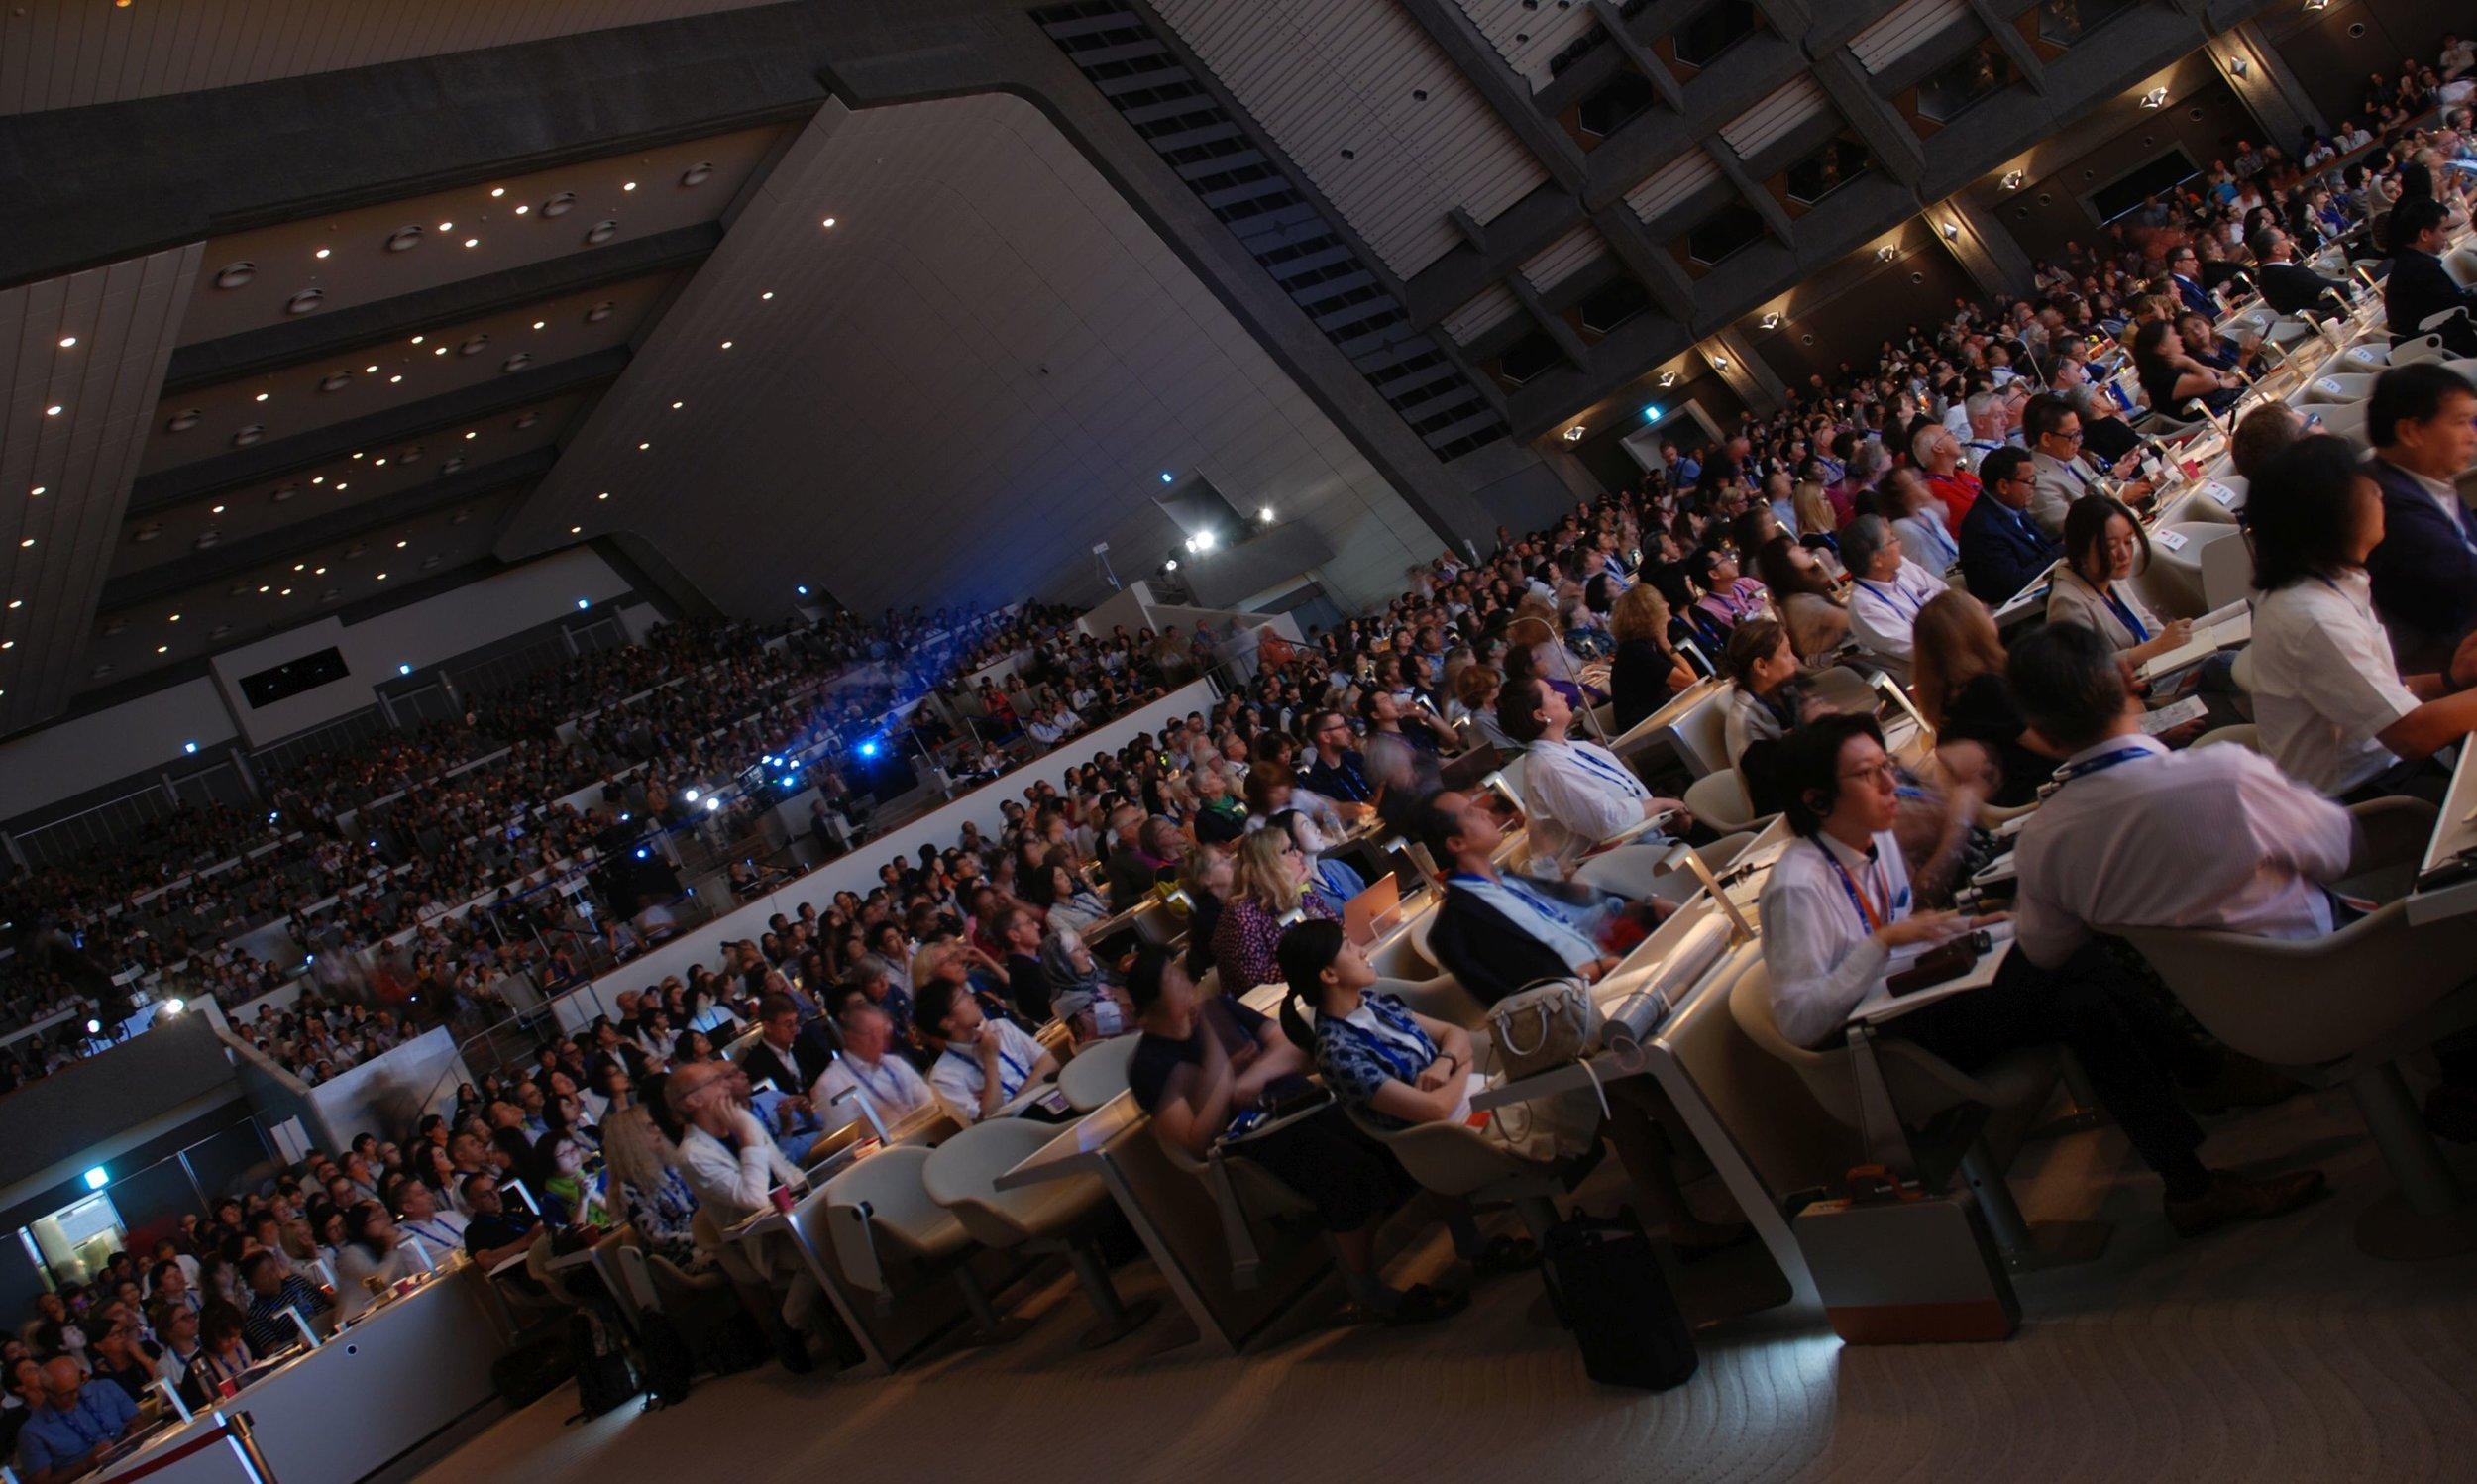 Paneelikeskustelut uuden museomääritelmän synnystä pidettiin konferenssikeskuksen suuressa salissa vaikuttavalle yleisömäärälle tiistaina 3. syyskuuta.